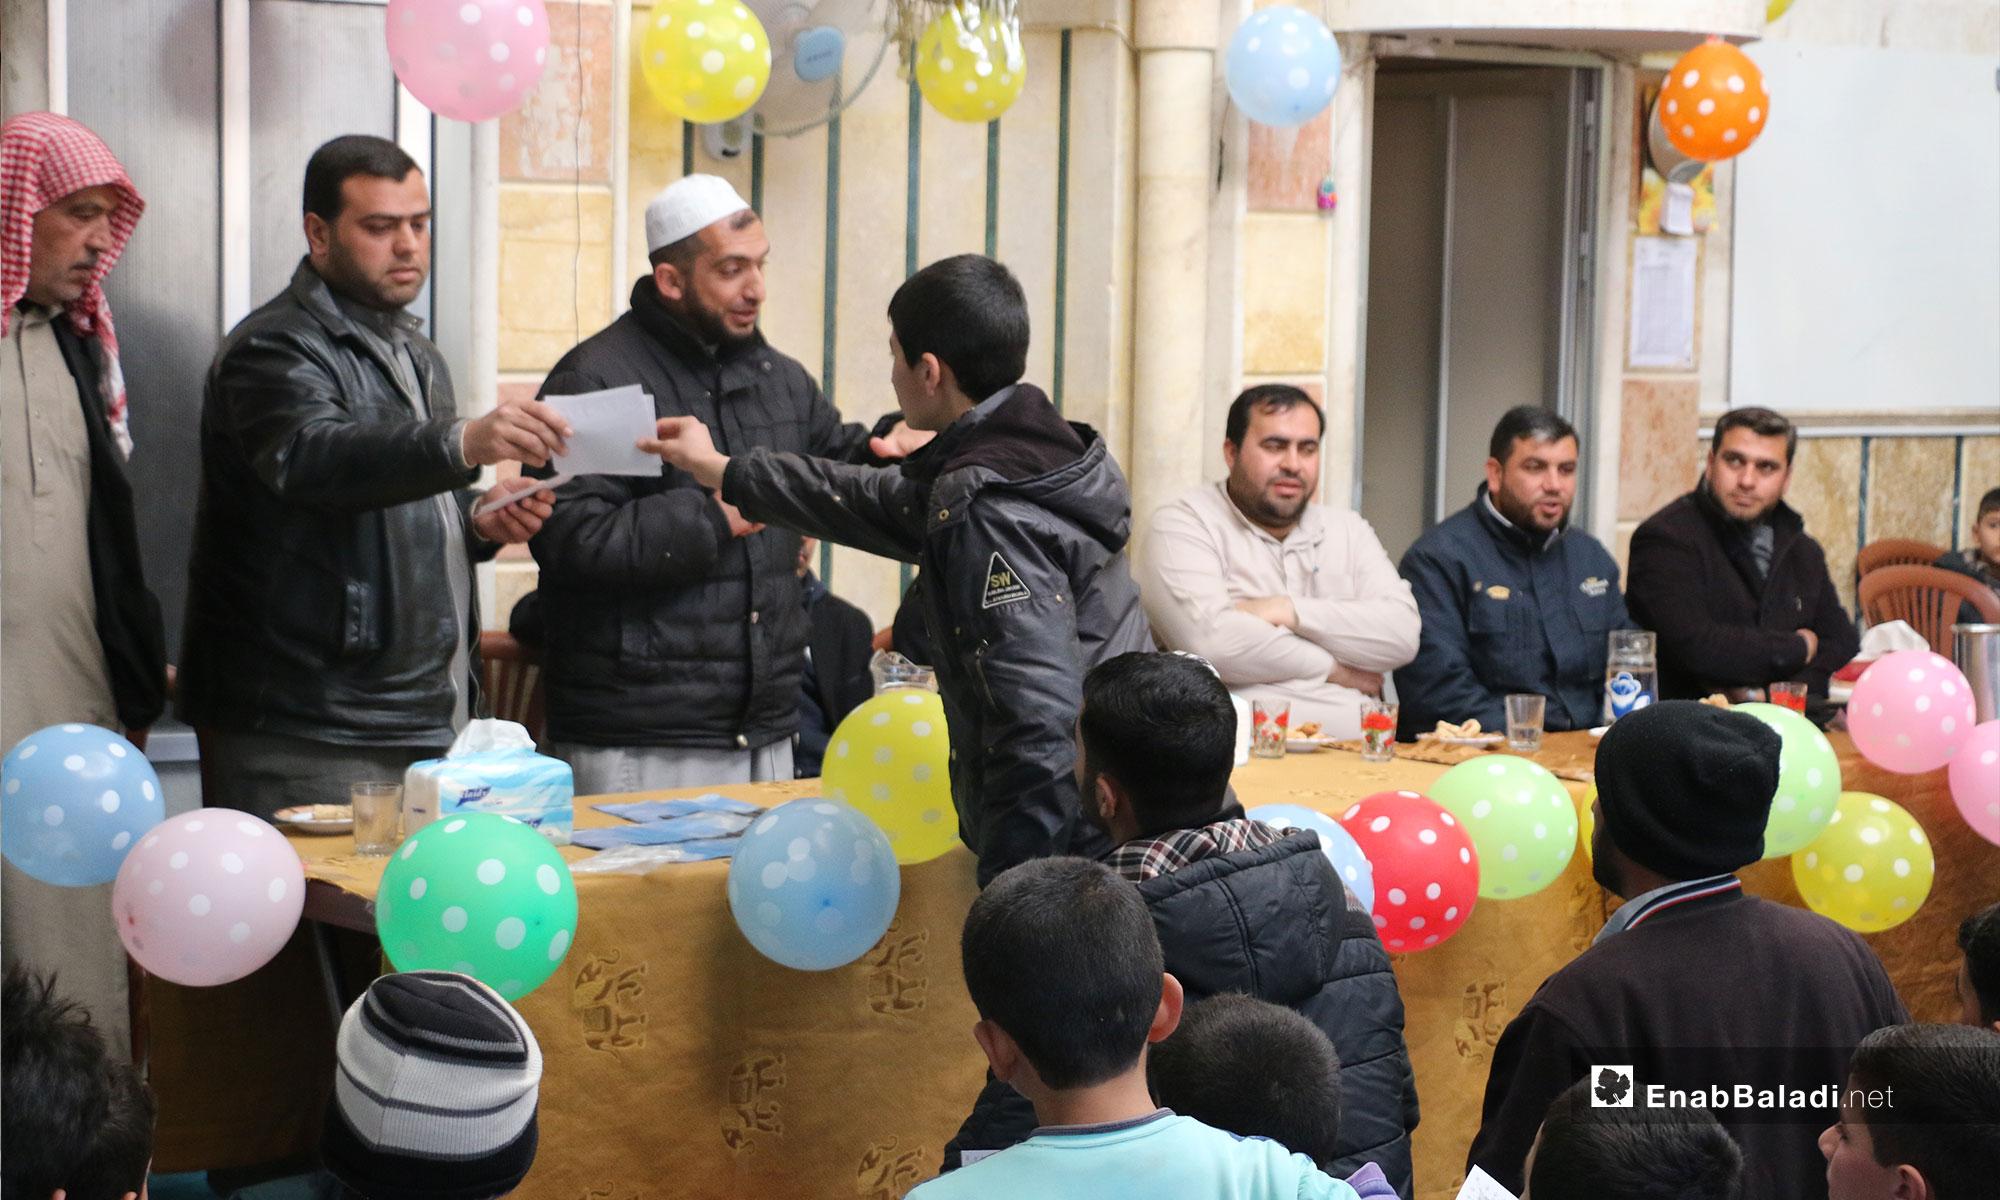 حفل تكريم لطلاب حفظة القرآن الكريم في بلدة دابق بريف حلب - 7 من آذار 2019 (عنب بلدي)